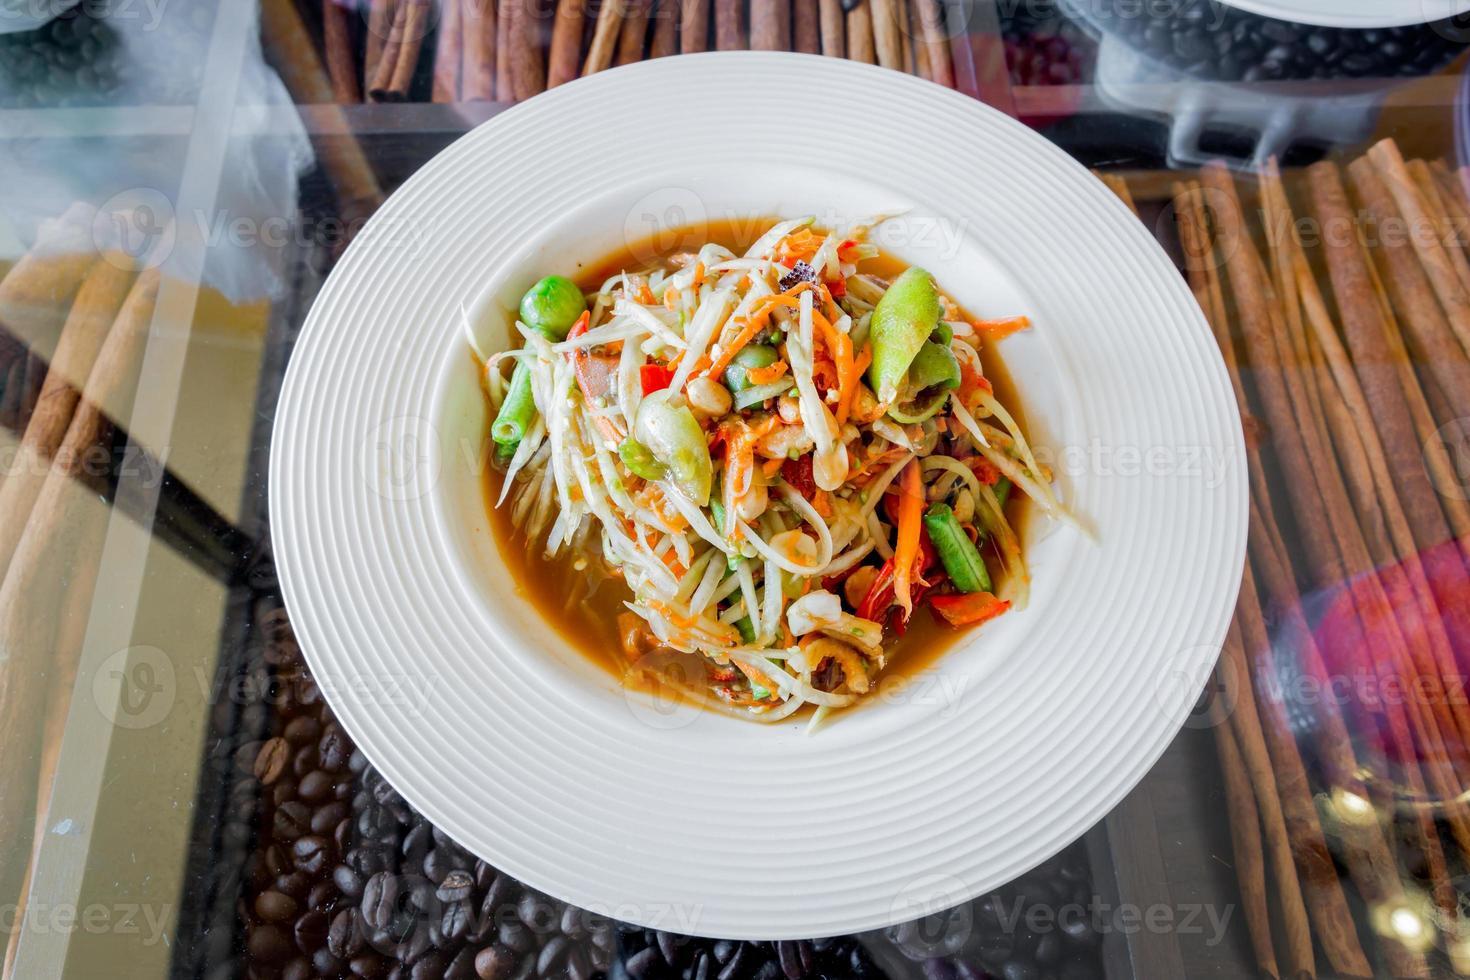 ensalada tailandesa de papaya, som tum. foto